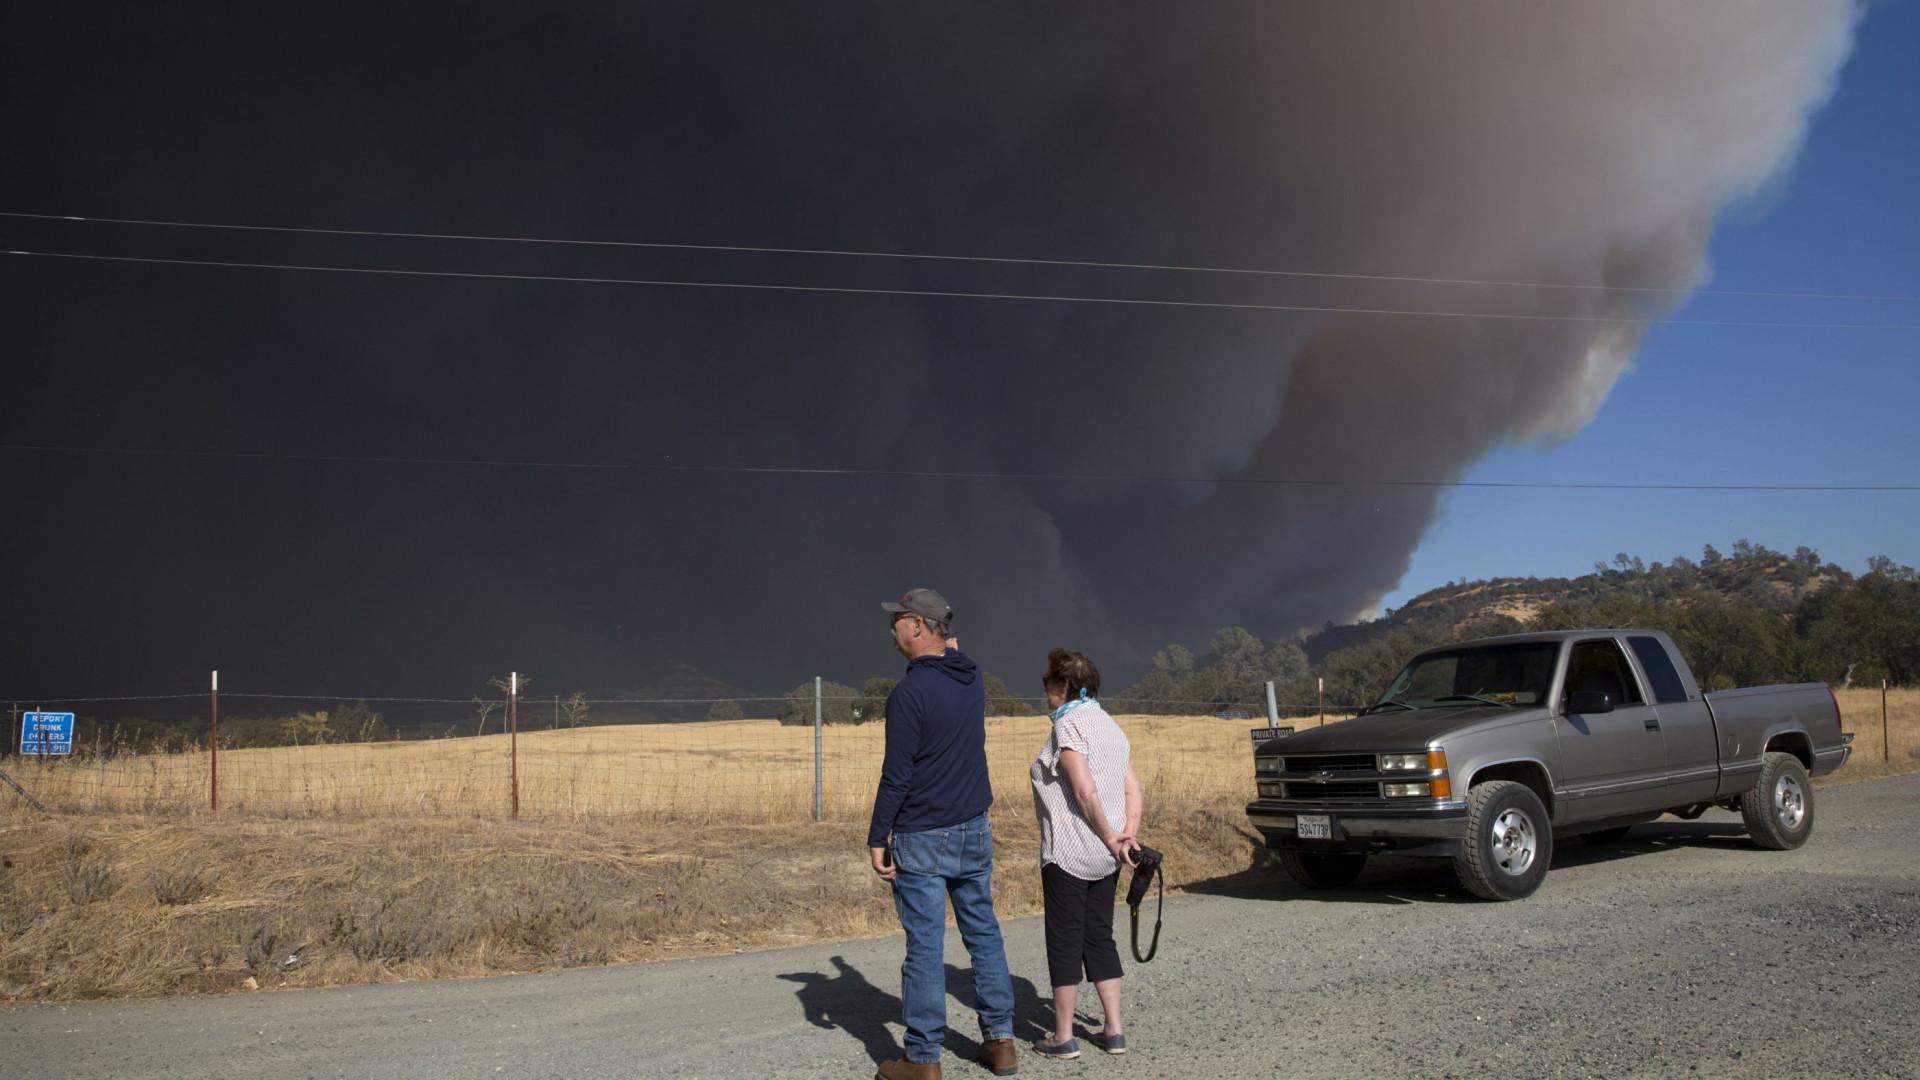 Incêndio: autoridades retiram 30 mil pessoas da Califórnia